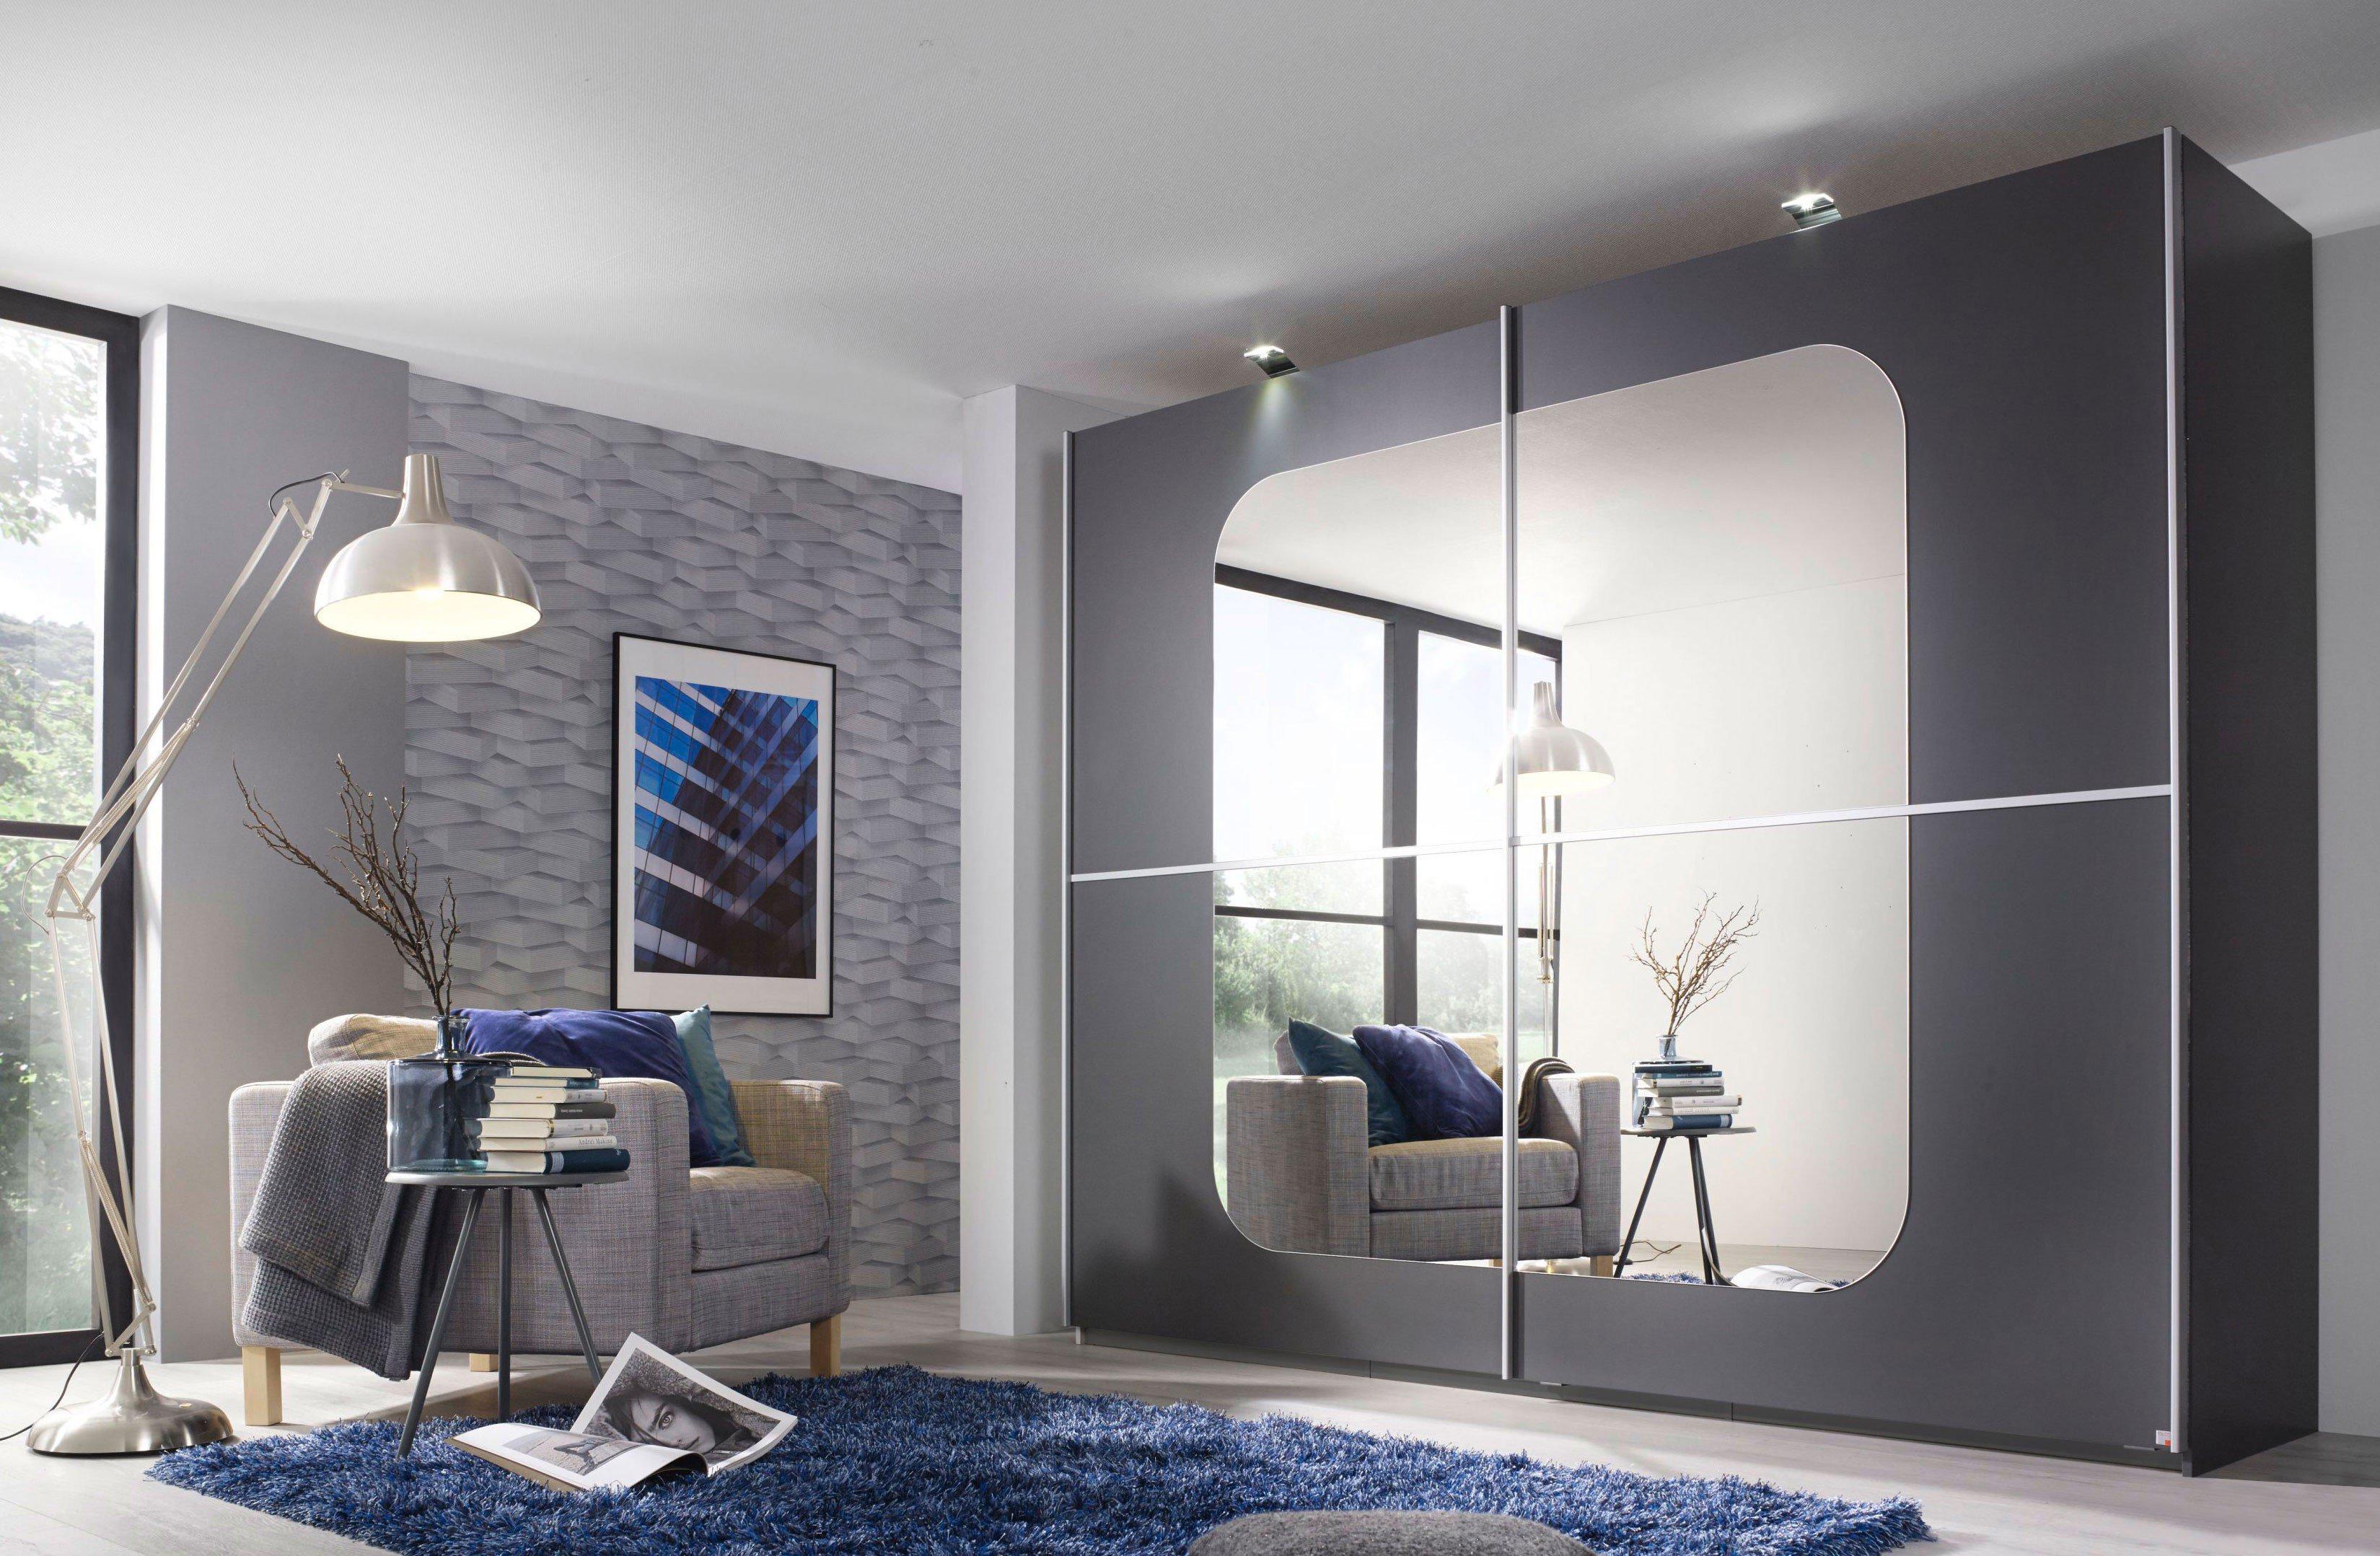 rauch ricona kleiderschrank graphit spiegel m bel letz ihr online shop. Black Bedroom Furniture Sets. Home Design Ideas